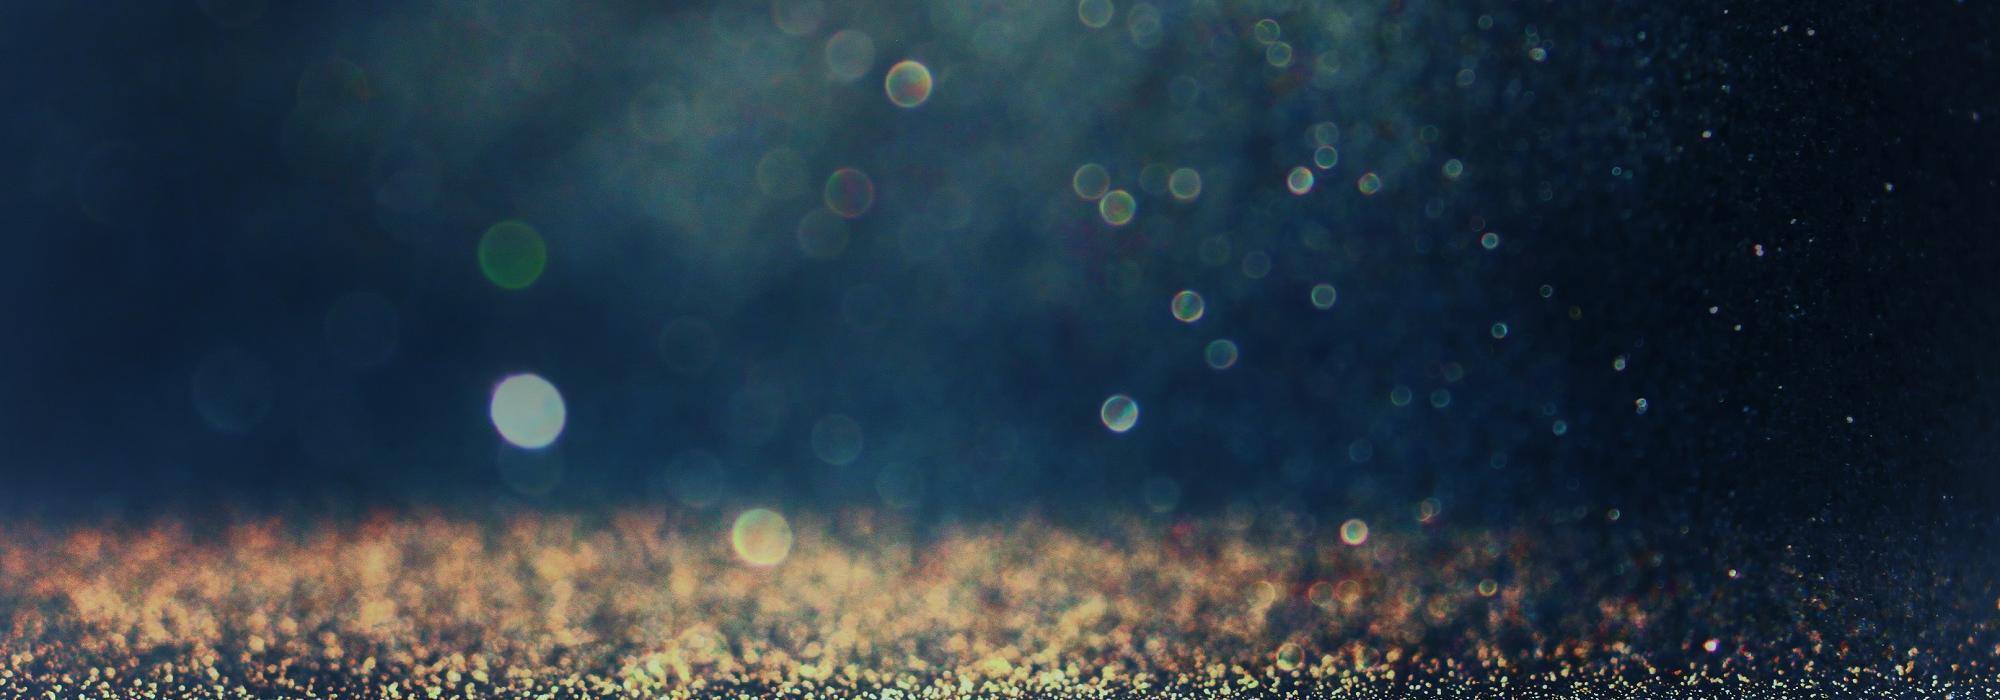 tomertu / Shutterstock.com